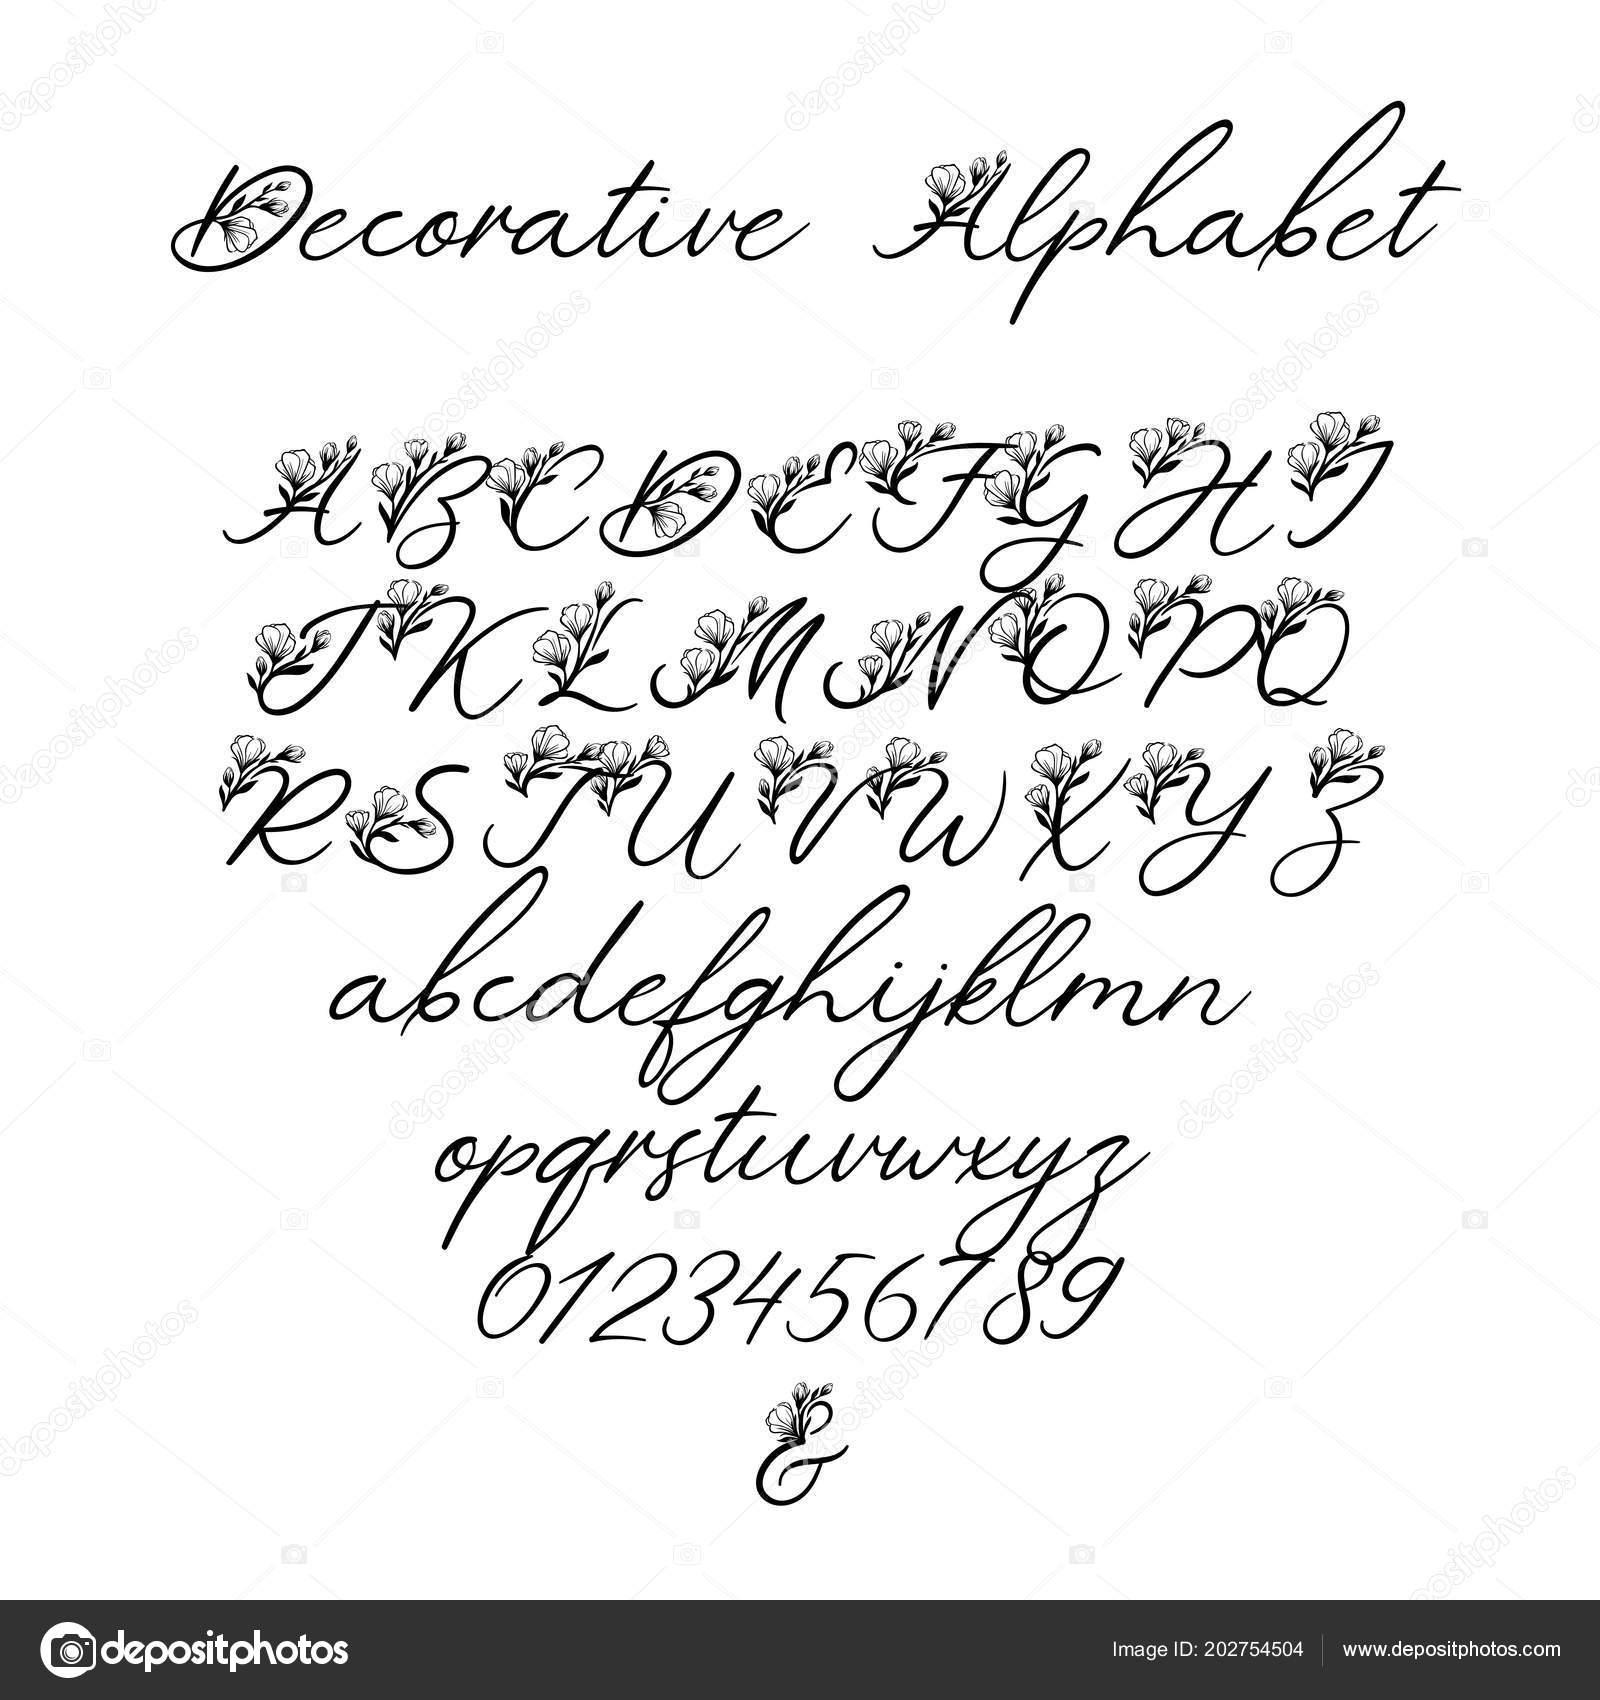 Vector calligraphy alphabet floral letters decorative handwritten alfabeto de caligrafia de vetor letras de floral exclusivas fonte decorativa escova manuscrita por convite de casamento monograma logotipo stopboris Gallery